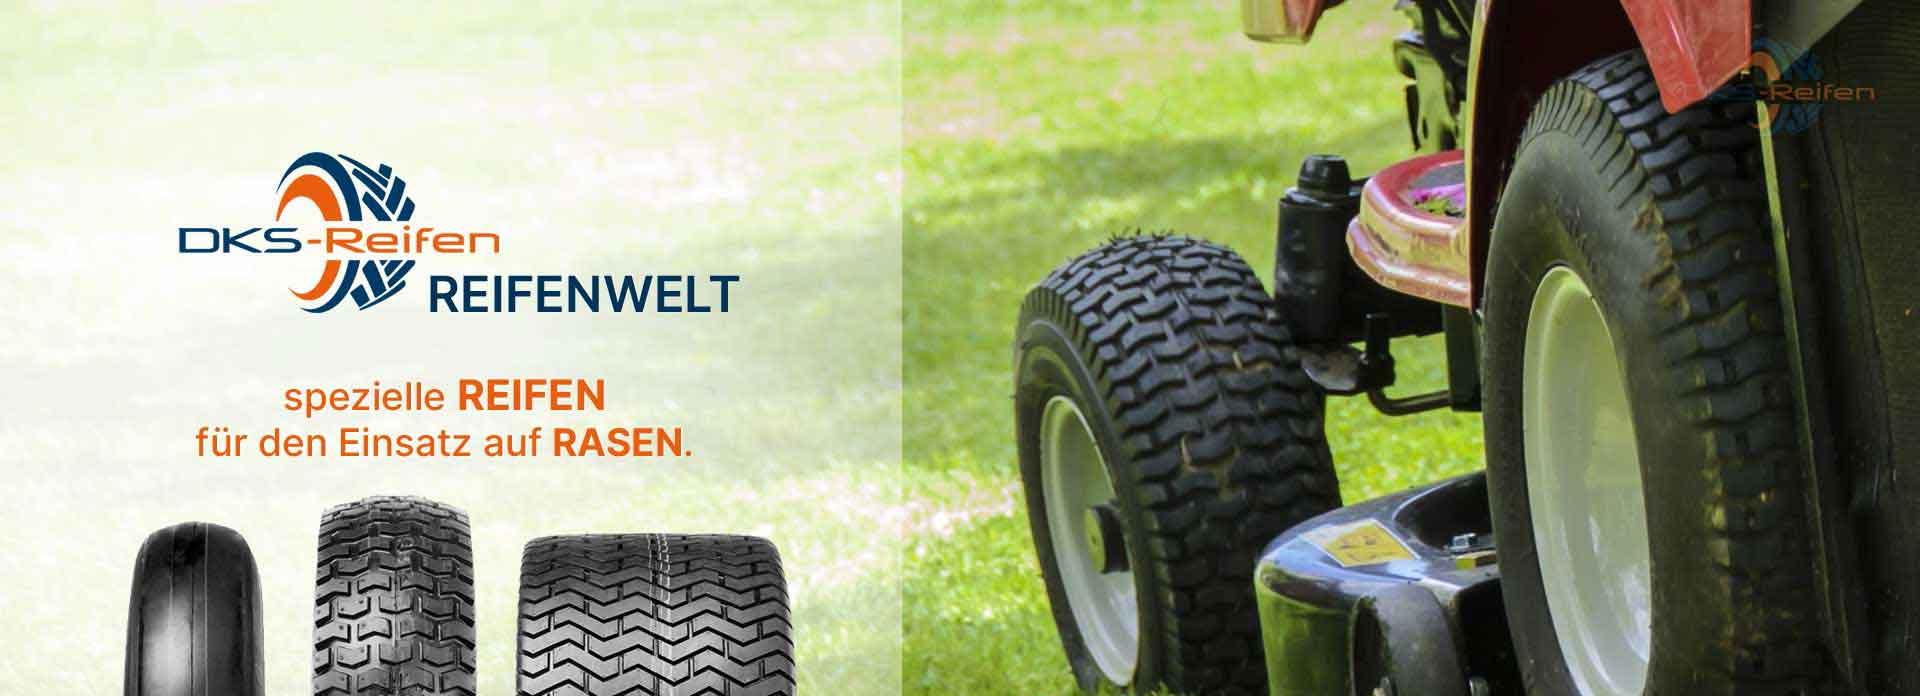 DKS Online Shop: Reifen für Aufsitzmäher und Kleintraktoren